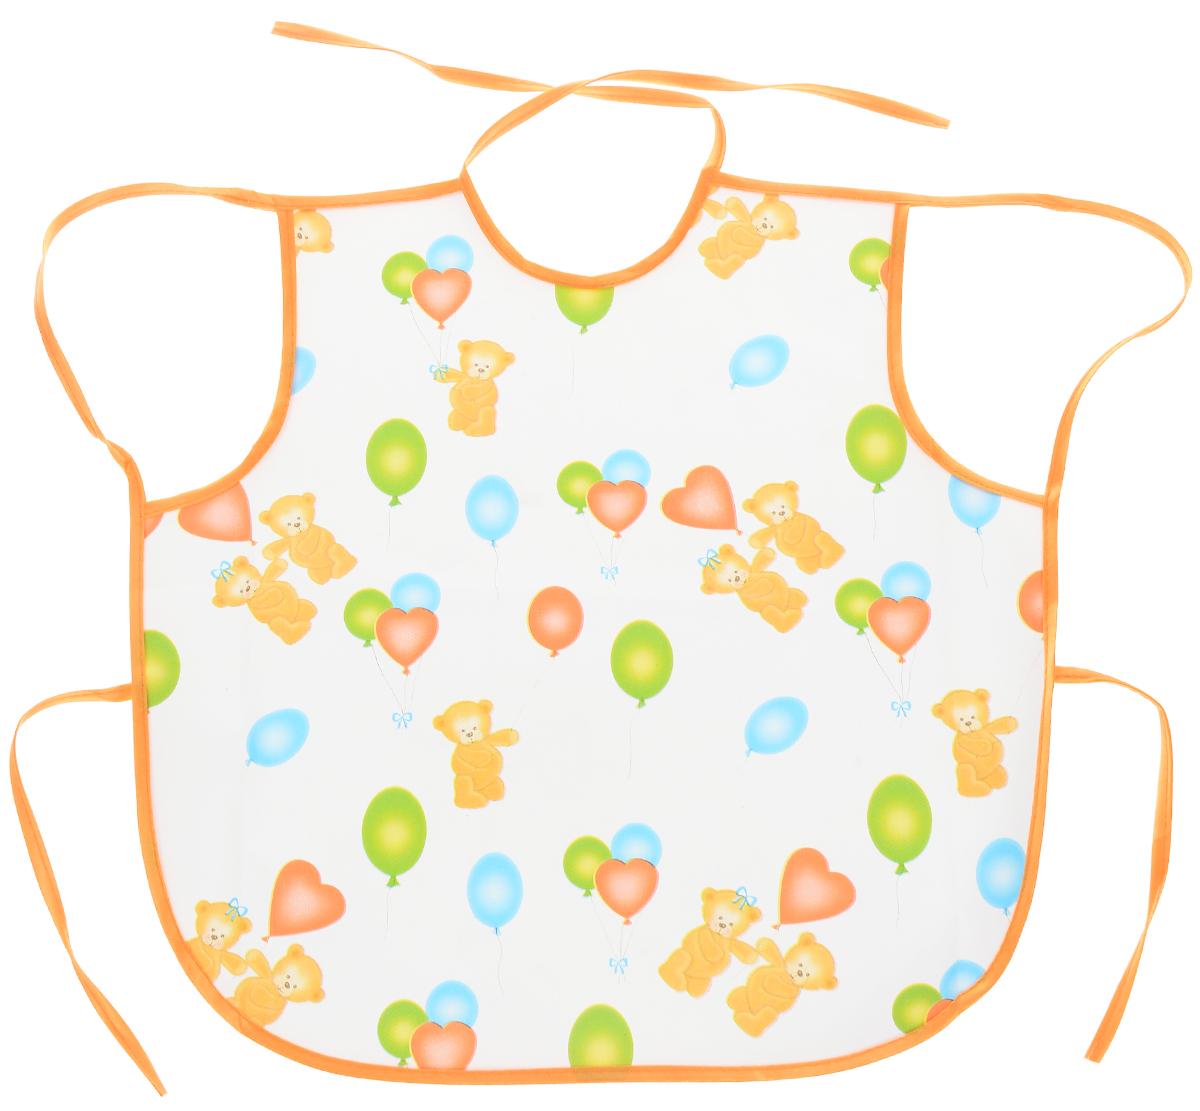 Колорит Фартук Мишки с шариками цвет белый оранжевый 36 х 38 см0084_белый, оранжевыйФартук Колорит Мишки с шариками изготовлен из клеенки подкладной с ПВХ покрытием.Предохраняет одежду малыша от загрязнений во время кормления. Фартук предназначен для многоразового использования, не промокает. Благодаря завязкам вы сможете легко контролировать длину изделия и регулировать размер горловины.Не оказывает вредного воздействия на организм ребенка.Не подлежит стерилизации паром. Не гладить. Не стирать.